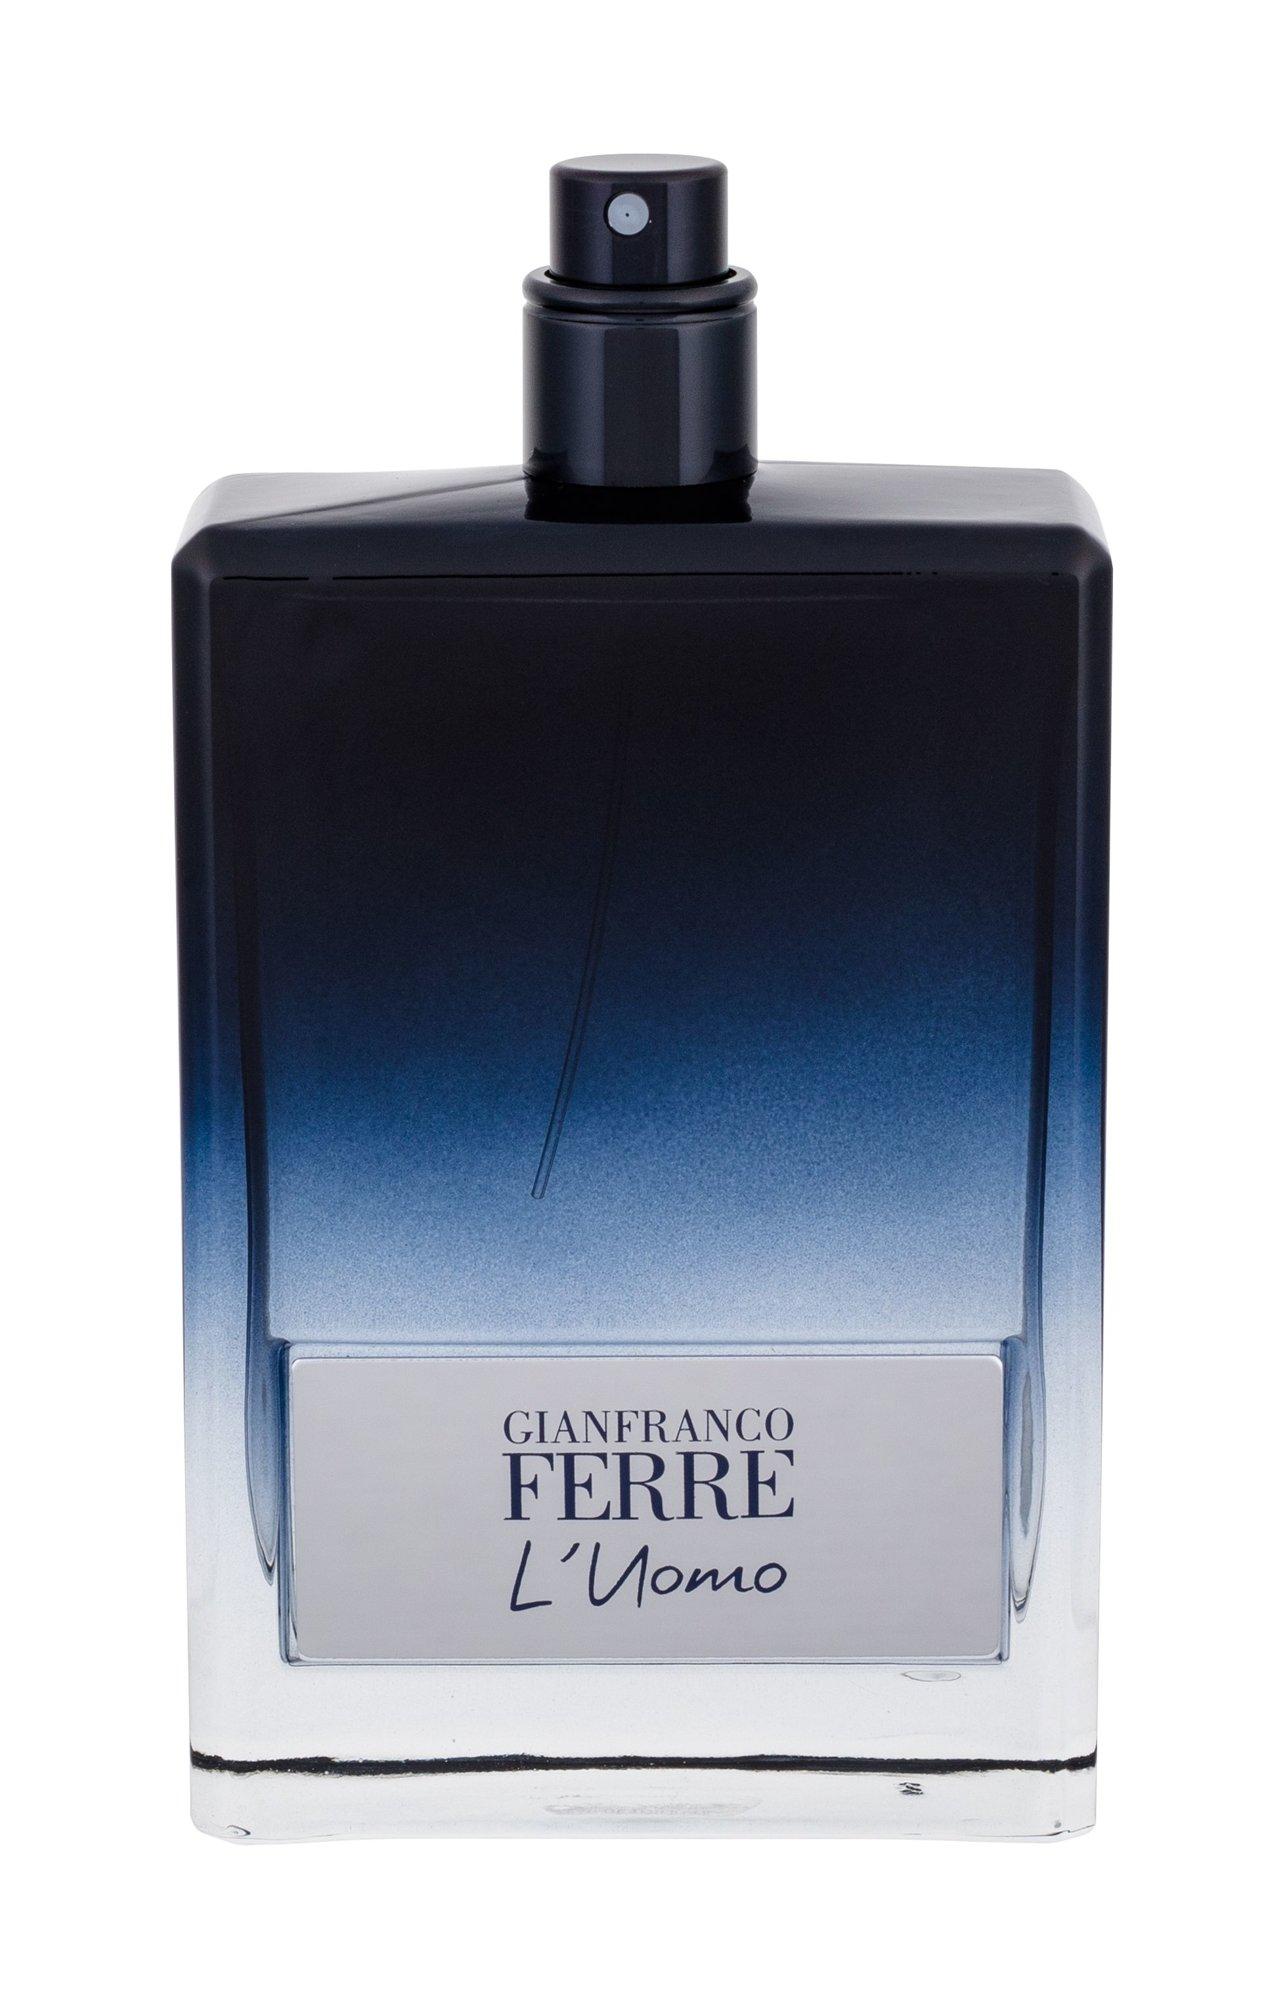 Gianfranco Ferré L´Uomo Eau de Toilette 100ml